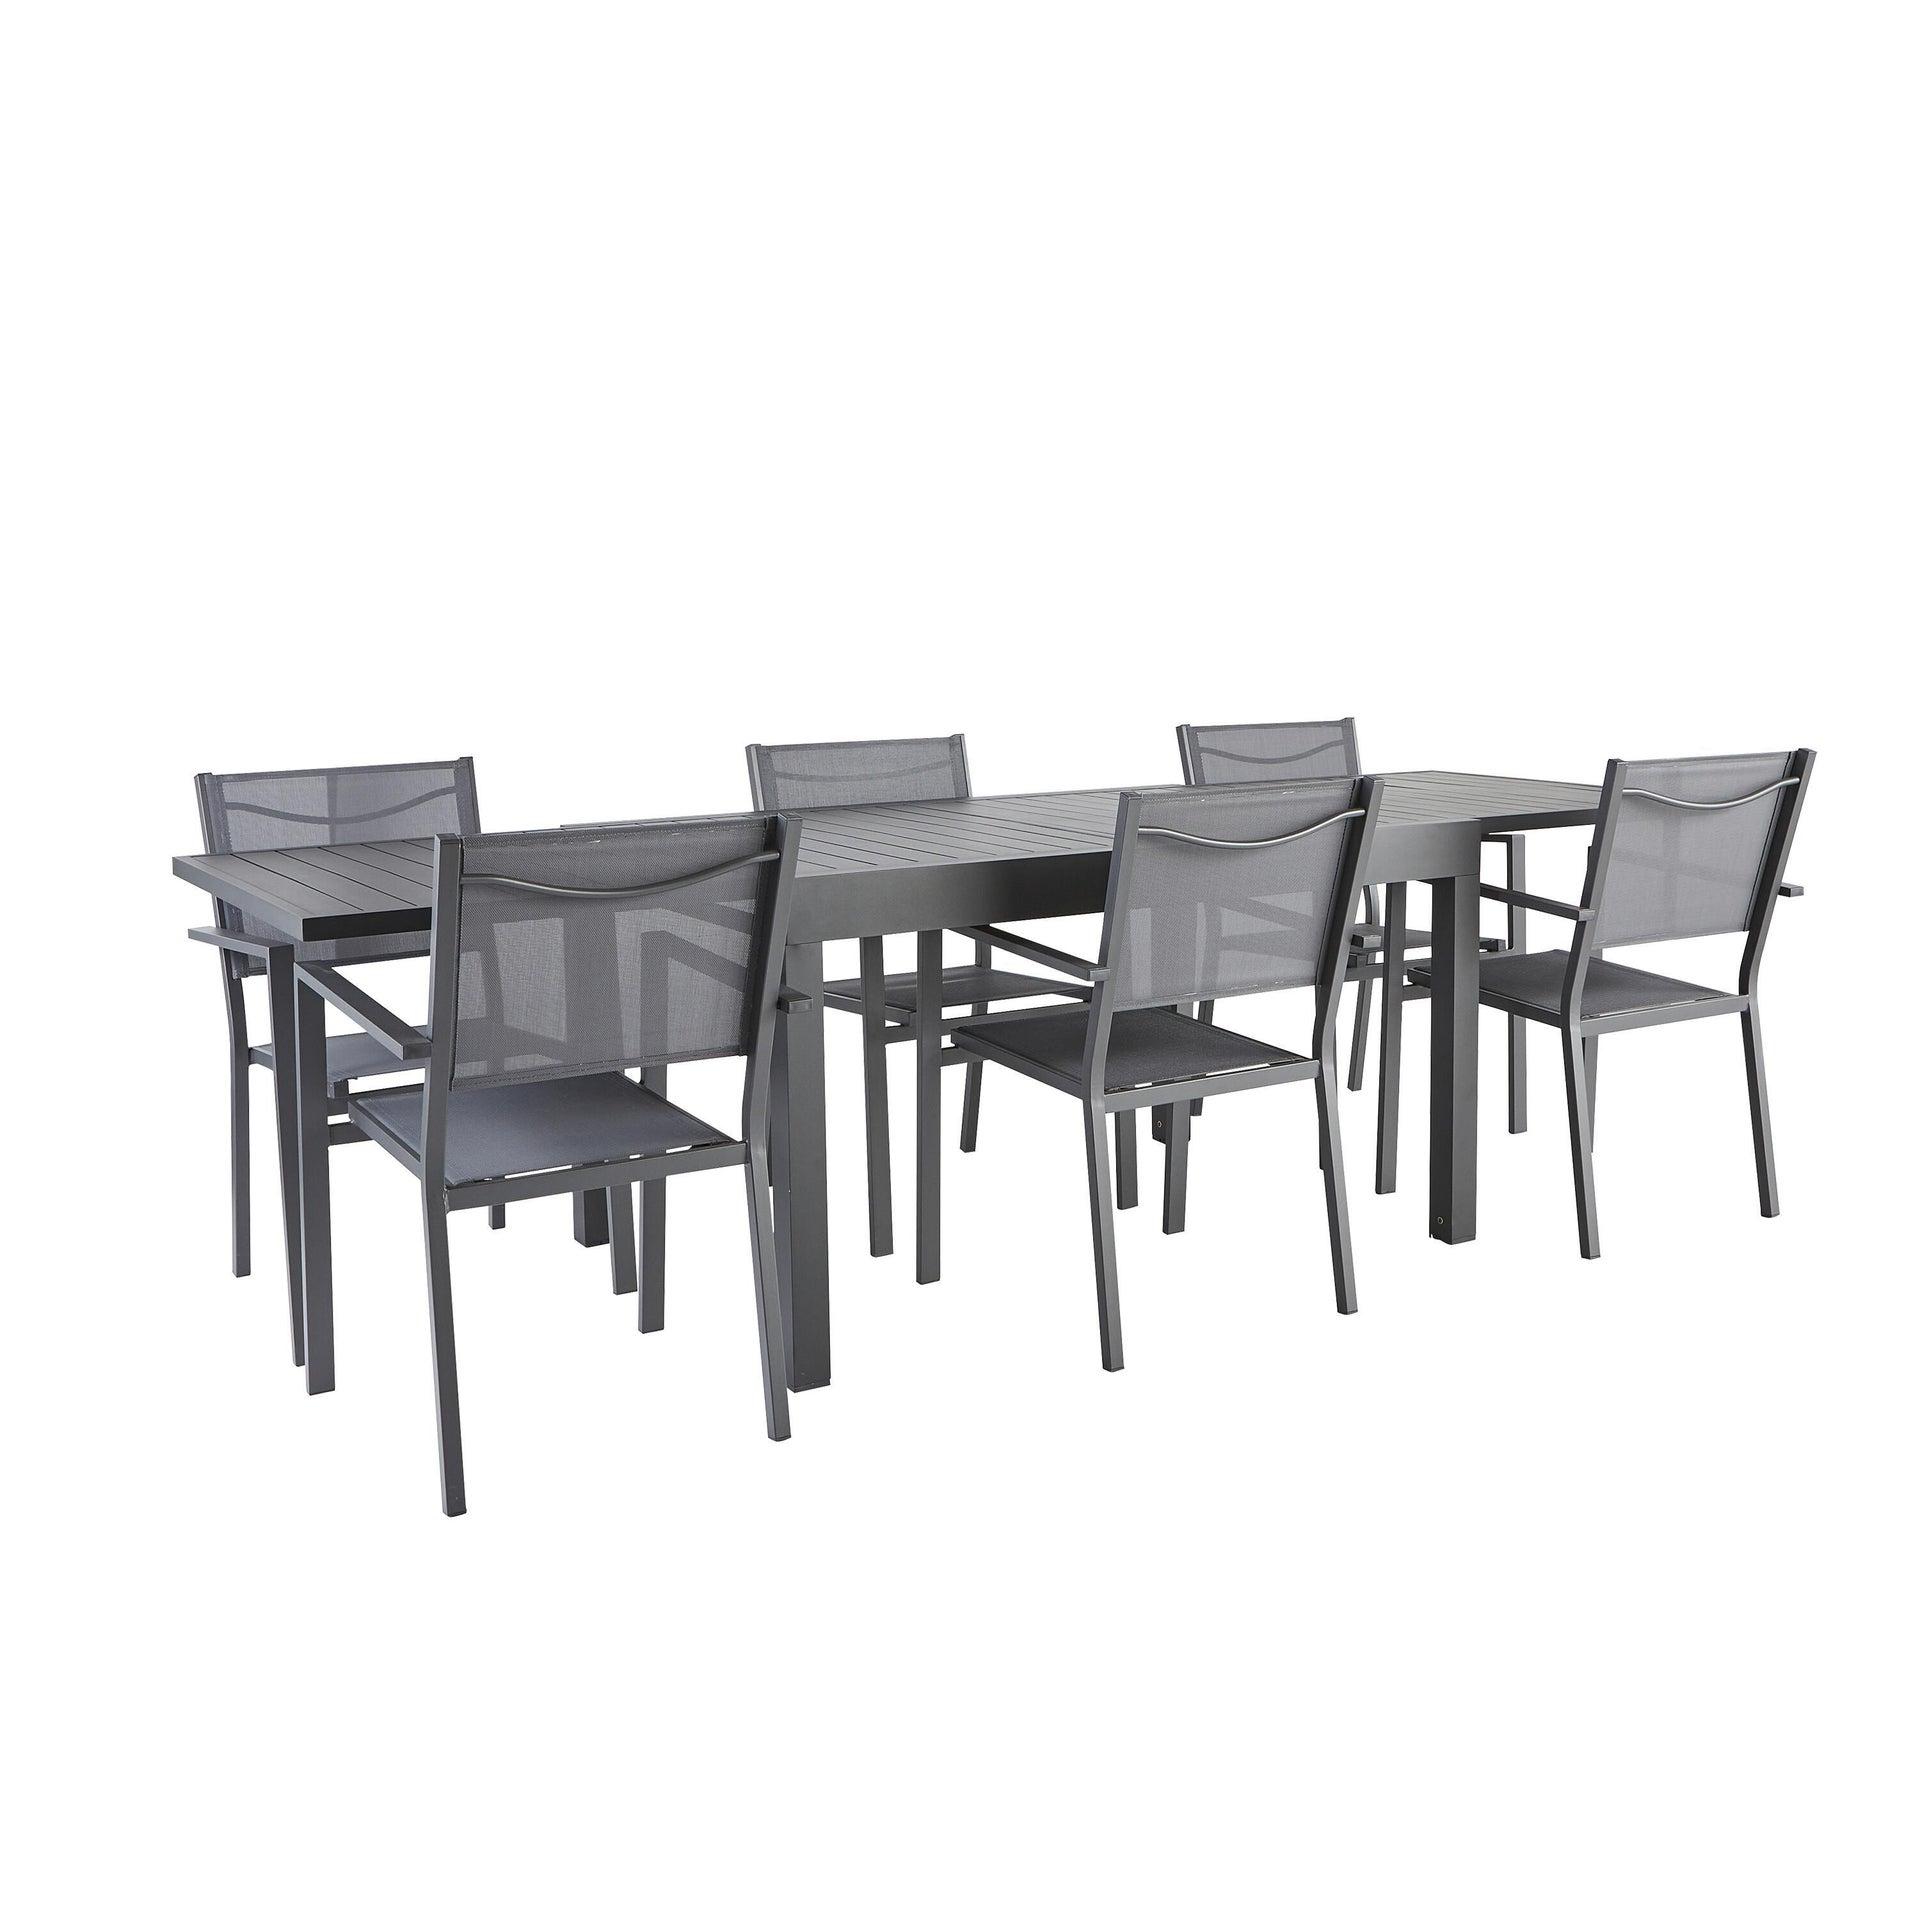 Tavolo da giardino allungabile rettangolare Lisbon con piano in alluminio L 135/270 x P 90 cm - 16